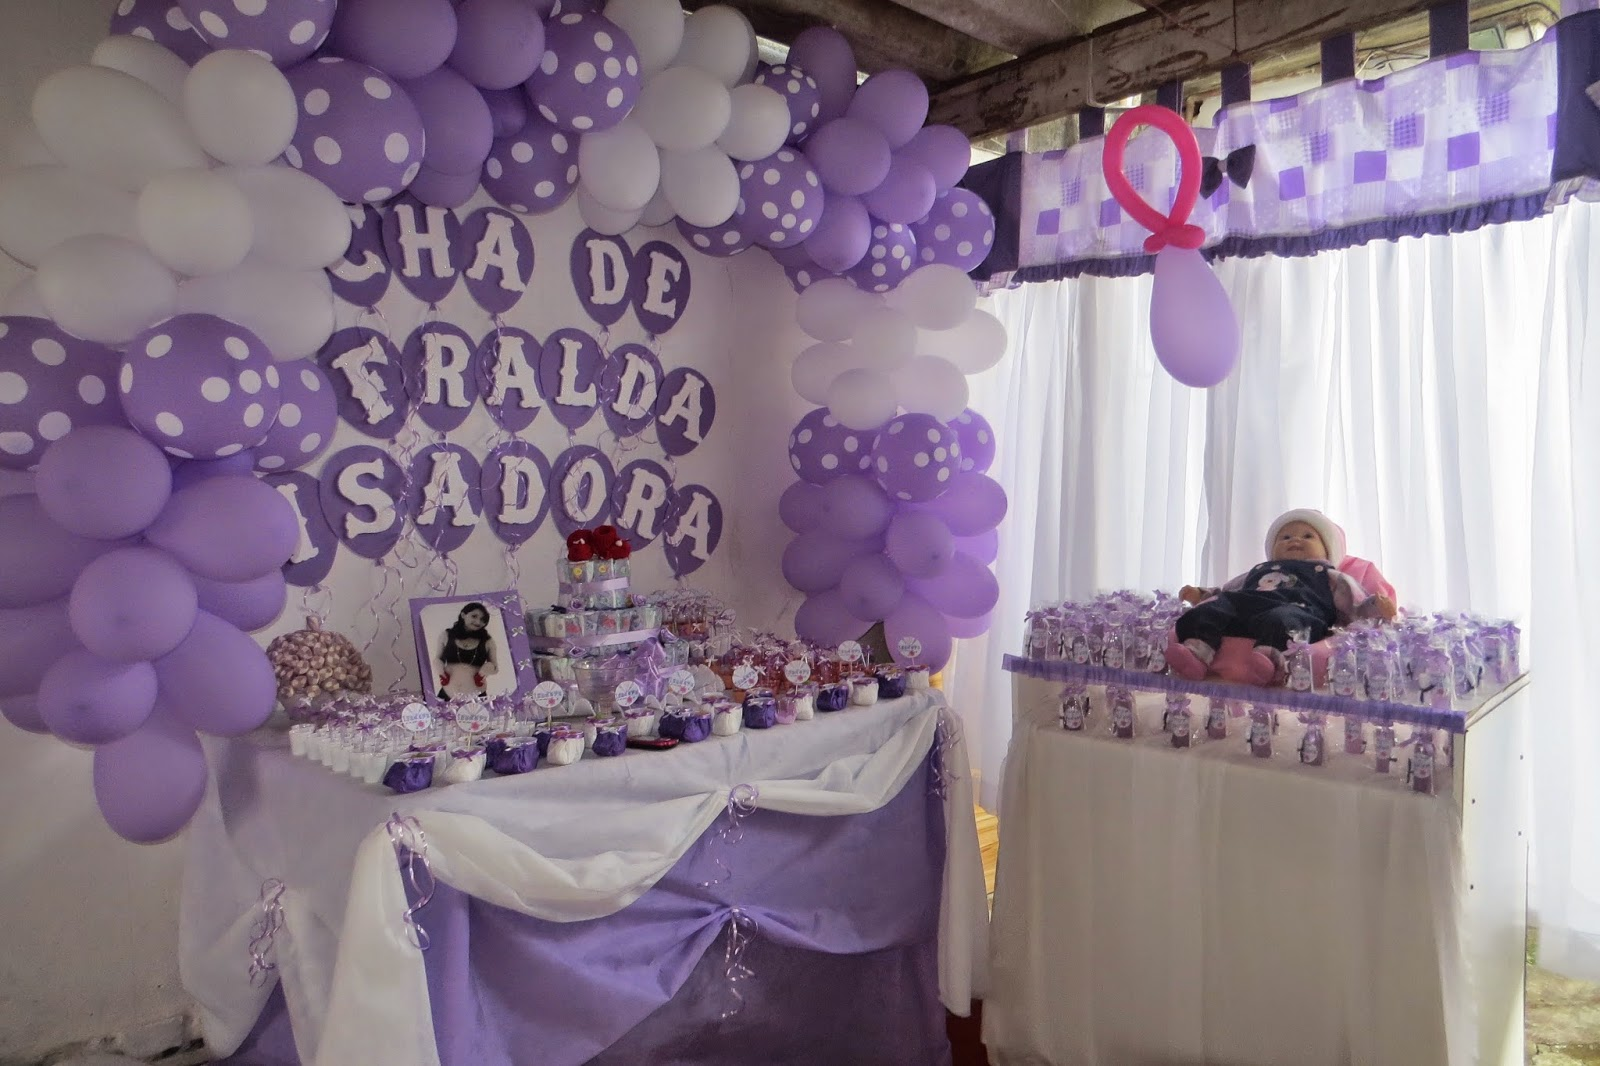 Sol Criativa Chá De Fralda Para Meninas Criação Do Convite